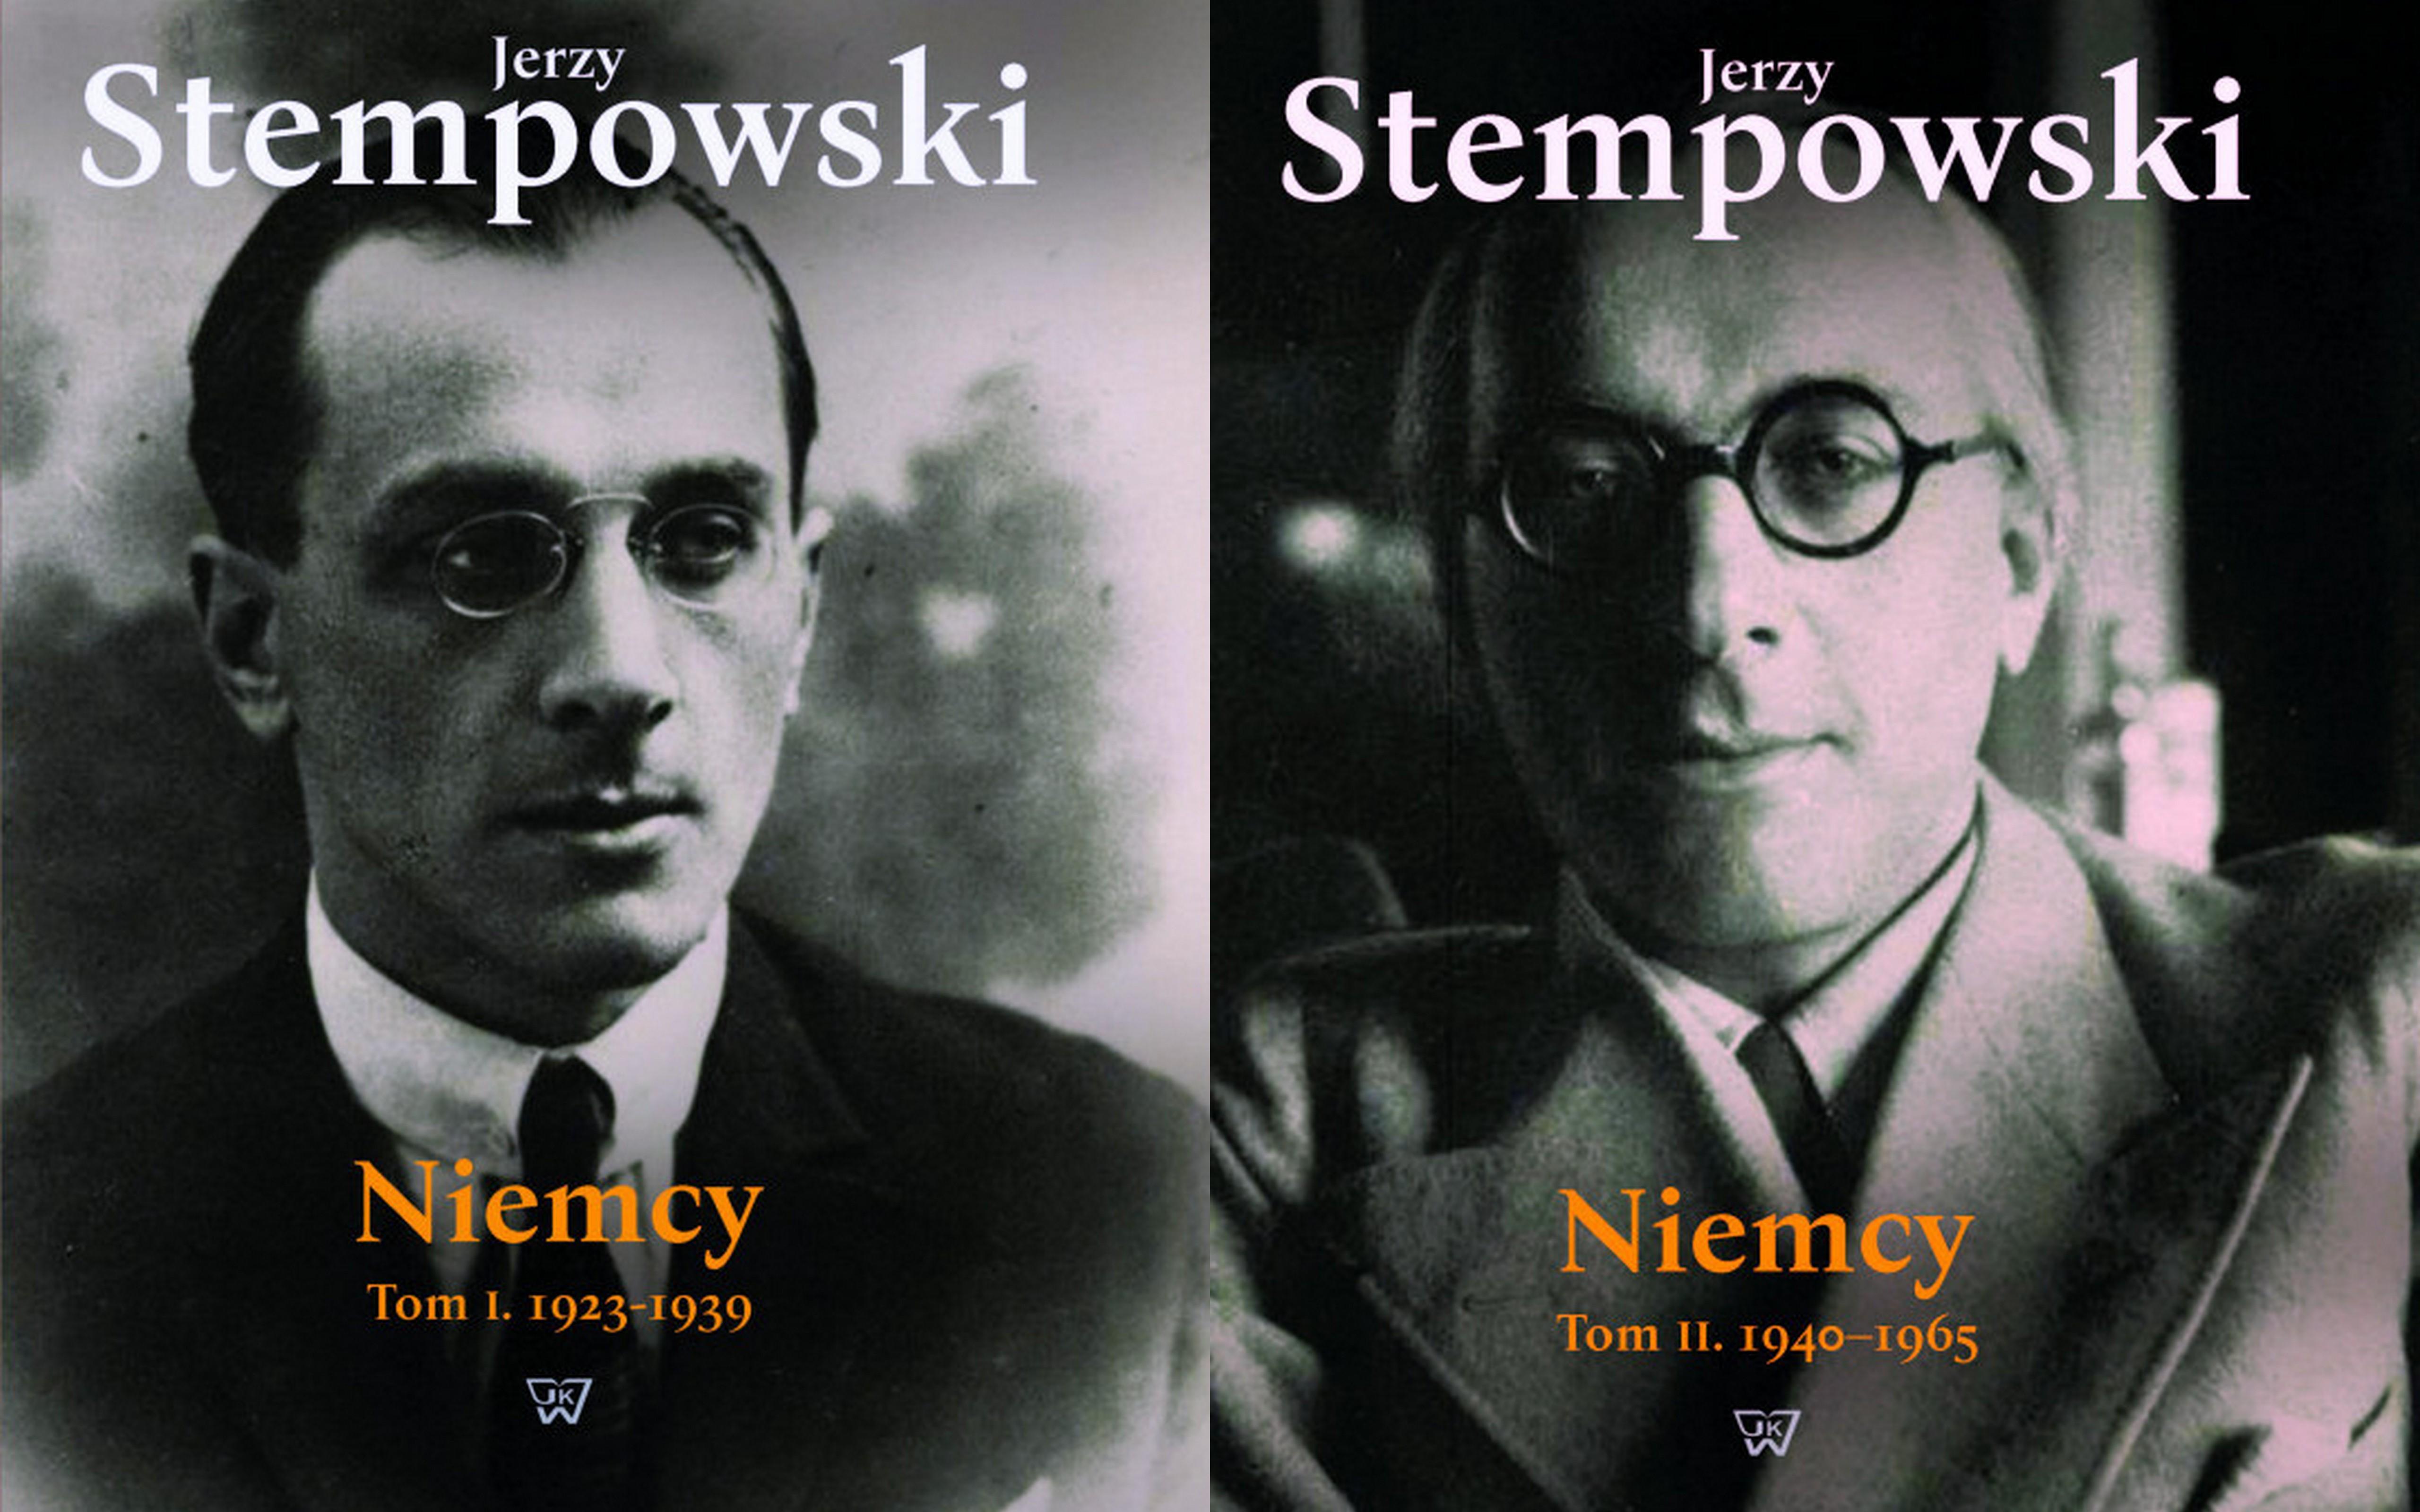 """<div class='inner-box'><div class='close-desc'></div><span class='opis'>Jerzy Stempowski """"Niemcy"""" - okładki dwutomowego wydania tekstów na tematy niemieckie z lat  1923-1965. Wydawnictwo Naukowe UKSW, Warszawa 2018.</span><div class='clearfix'></div><span>Шифр  sm00444</span><div class='clearfix'></div><span>© Instytut Literacki</span></div>"""